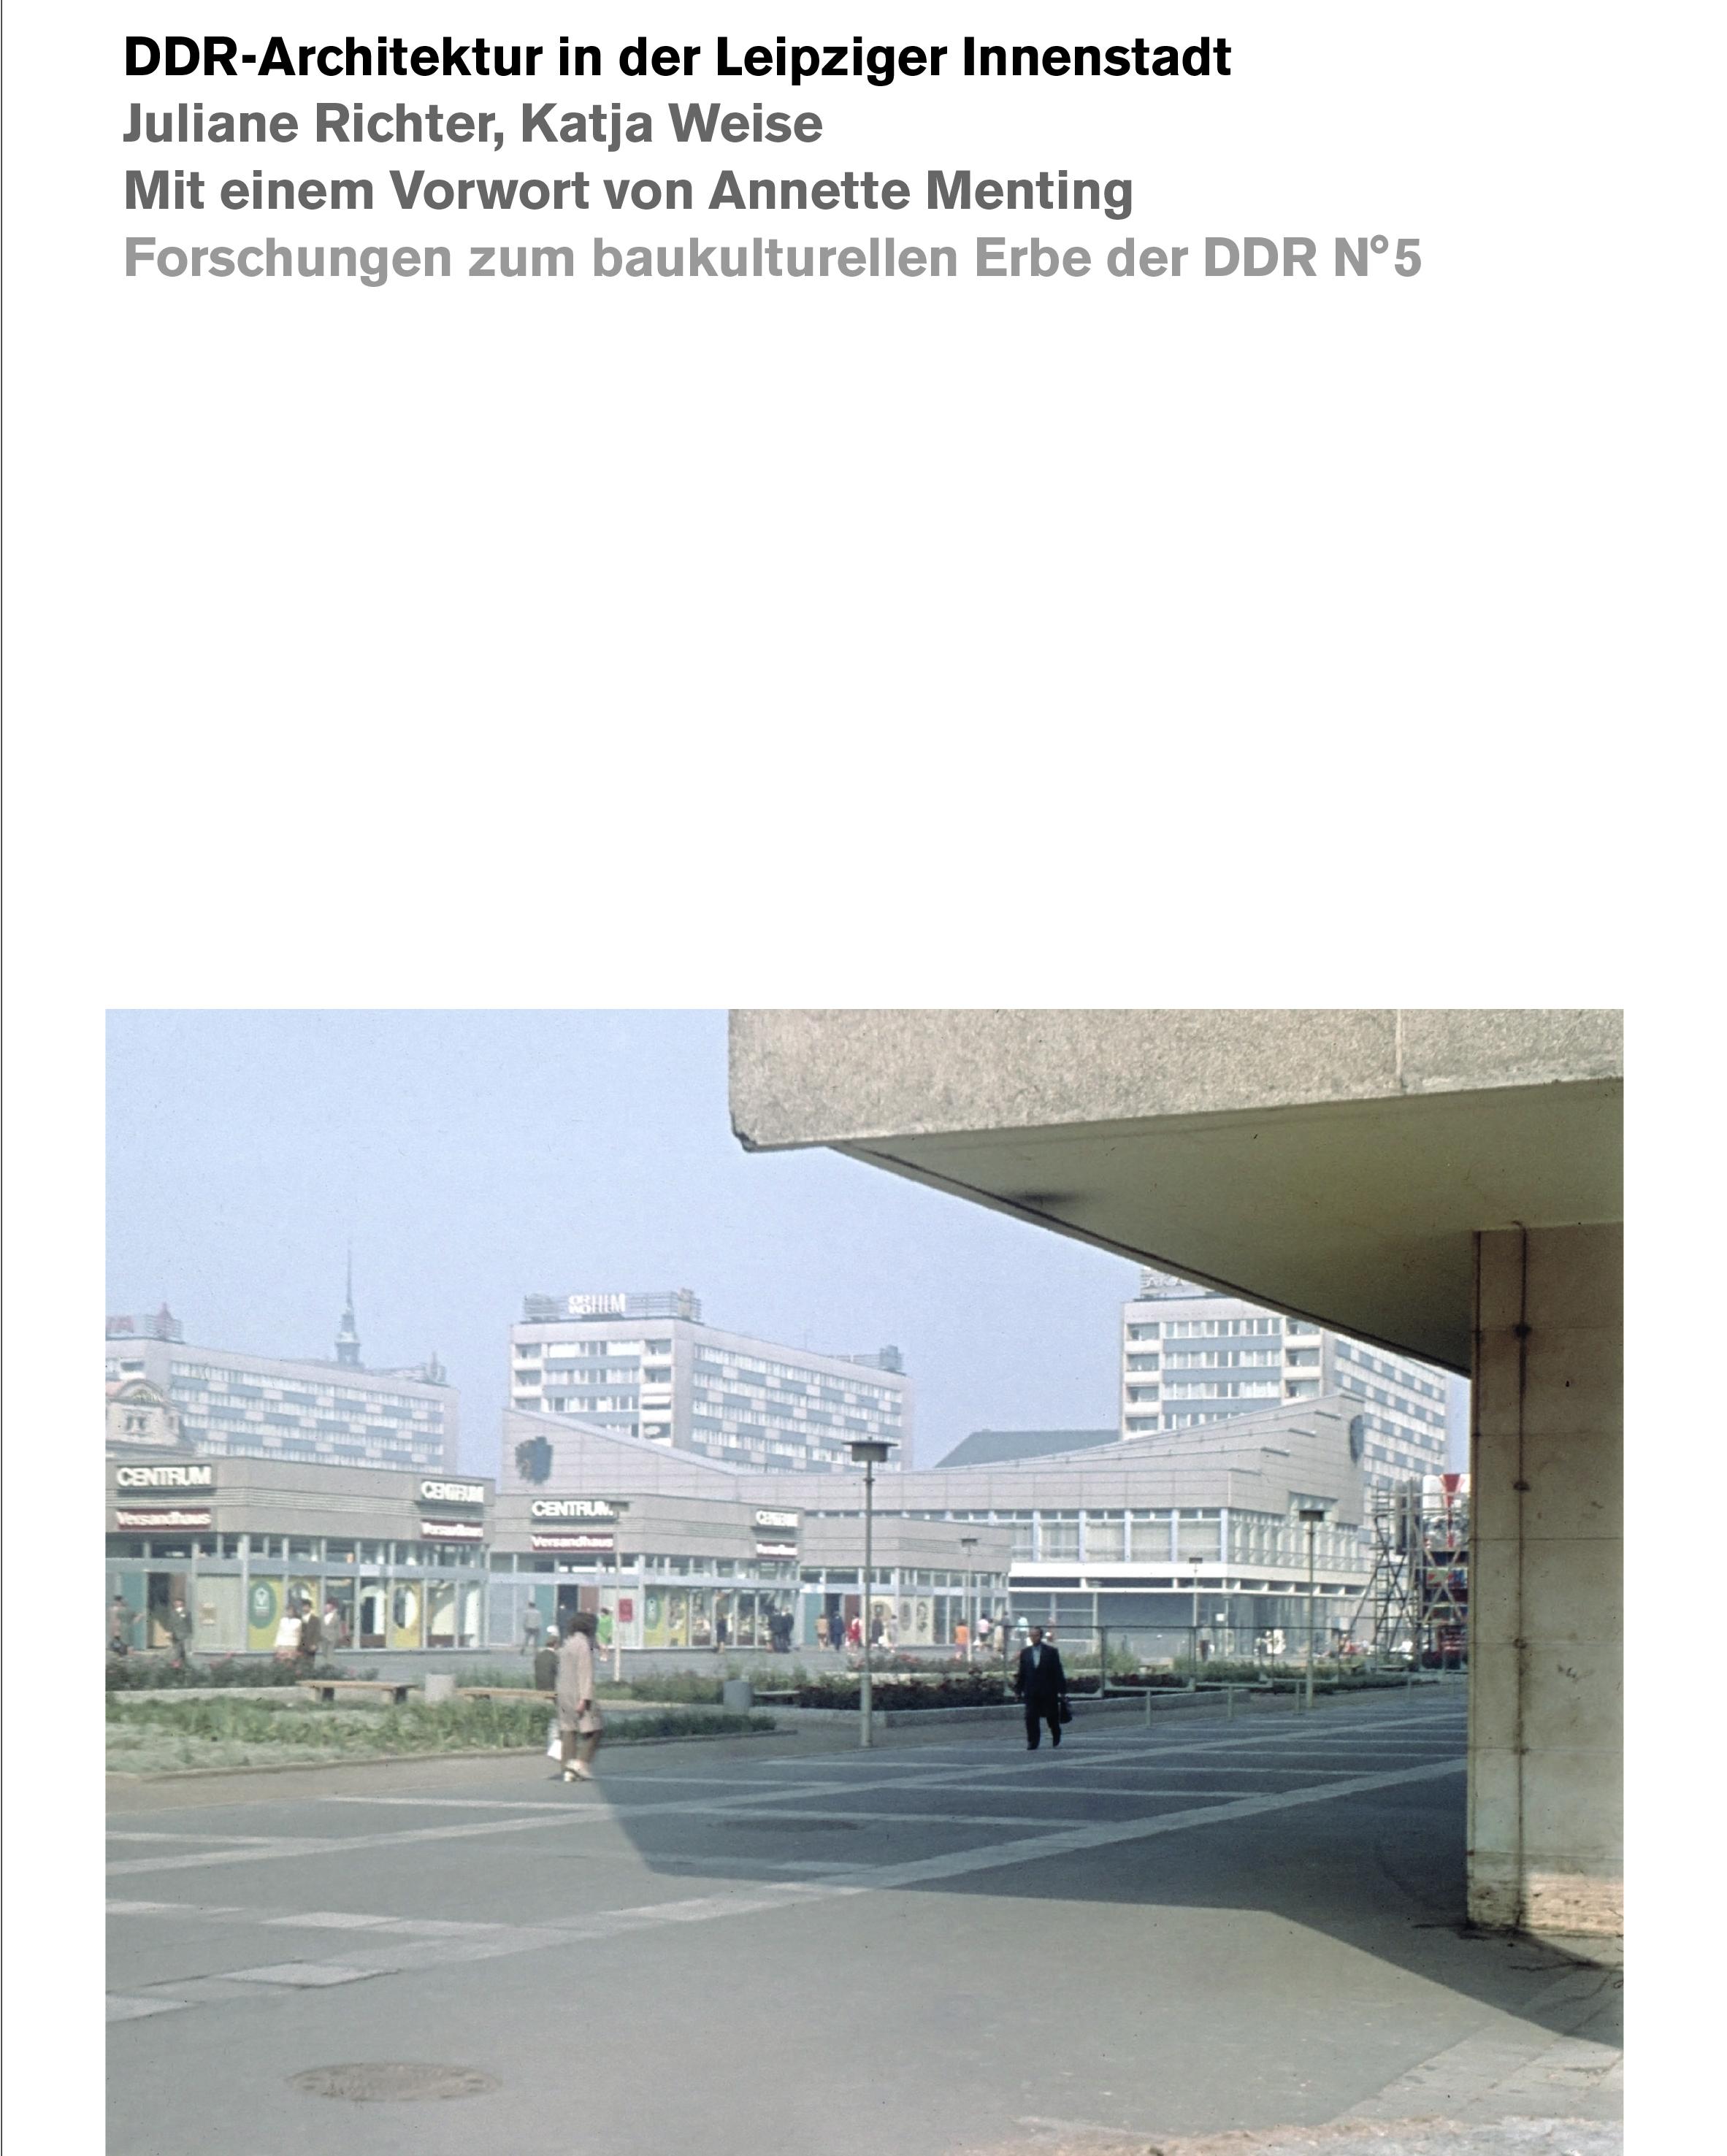 DDR-Architektur in der Leipziger Innenstadt Juliane Richter